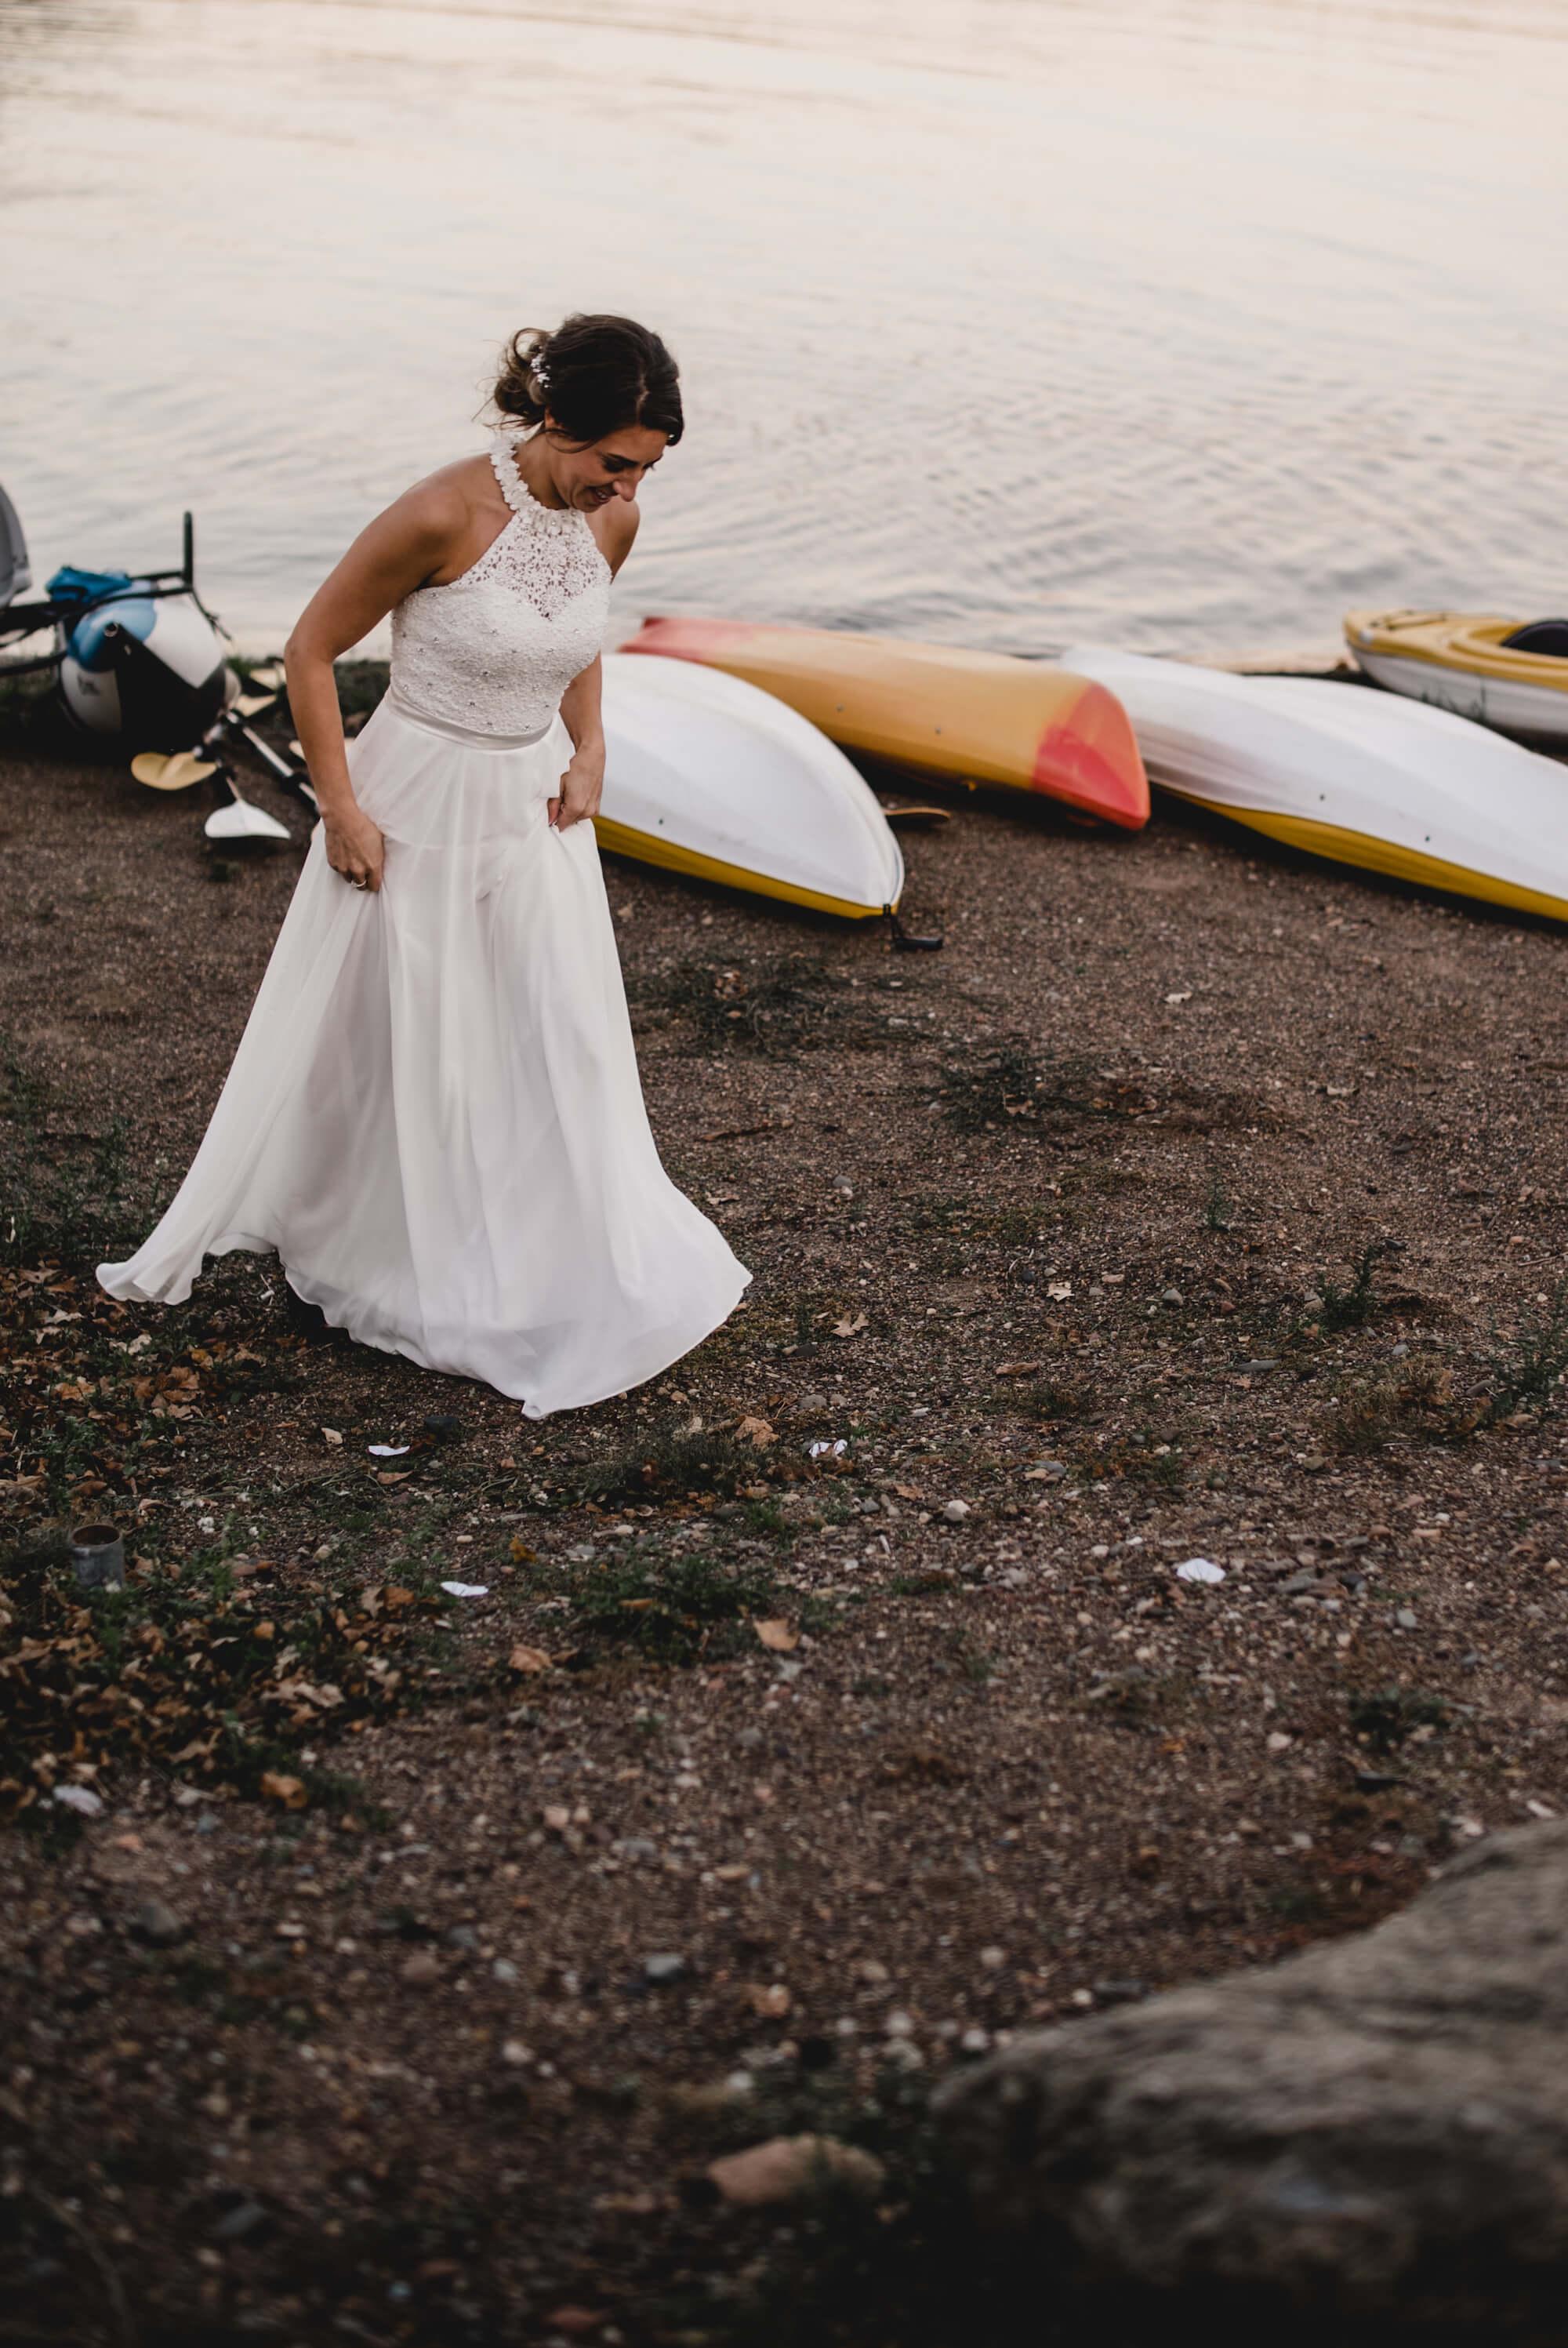 engle-olson-tammy-marc-wedding-54.jpg